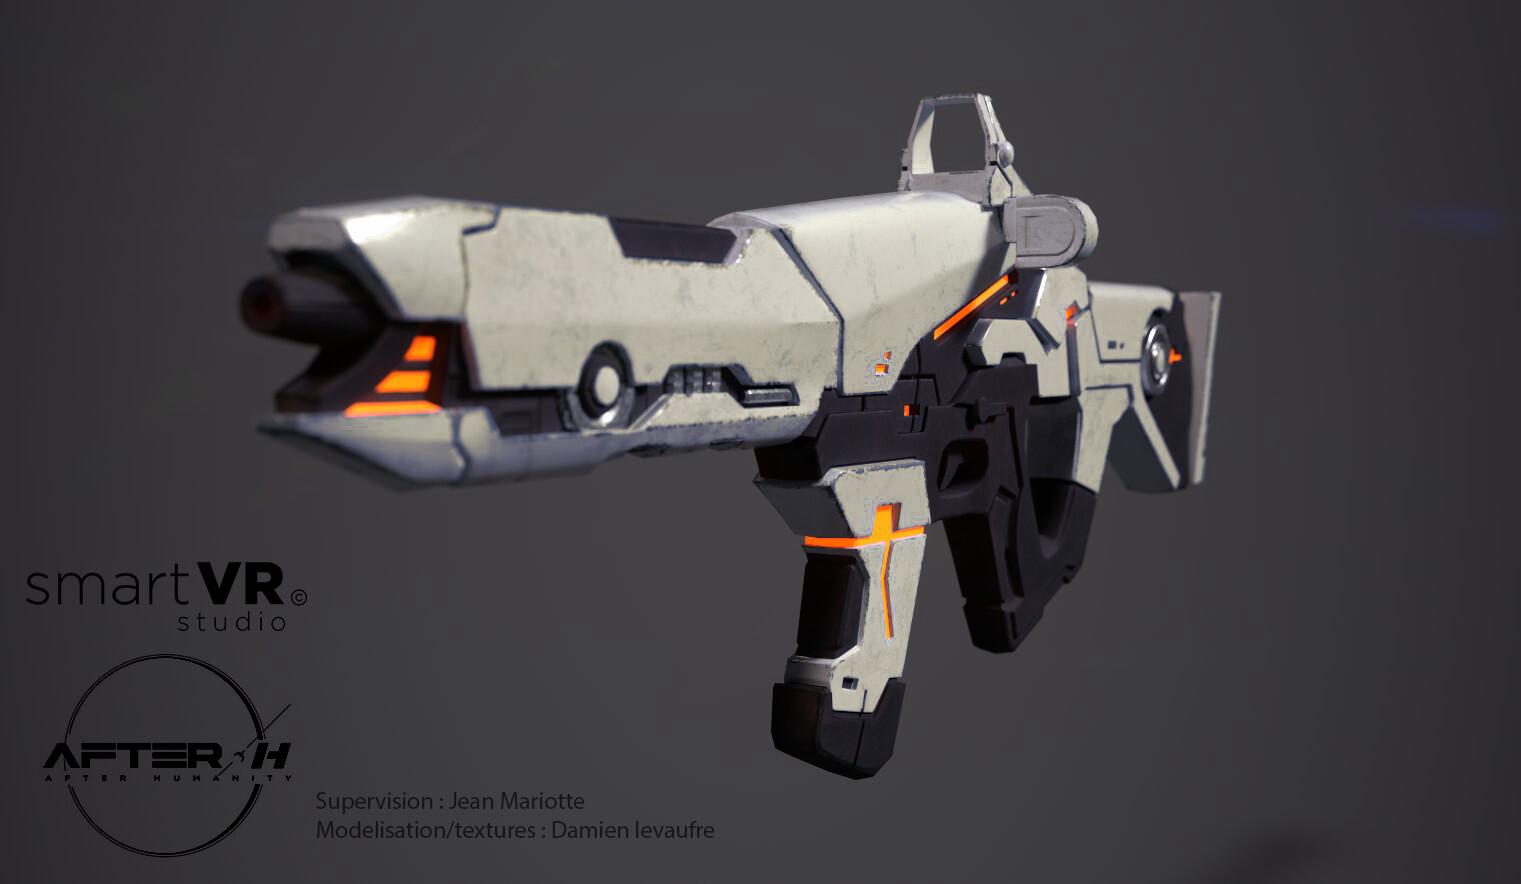 Damien levaufre gun 3 4face n